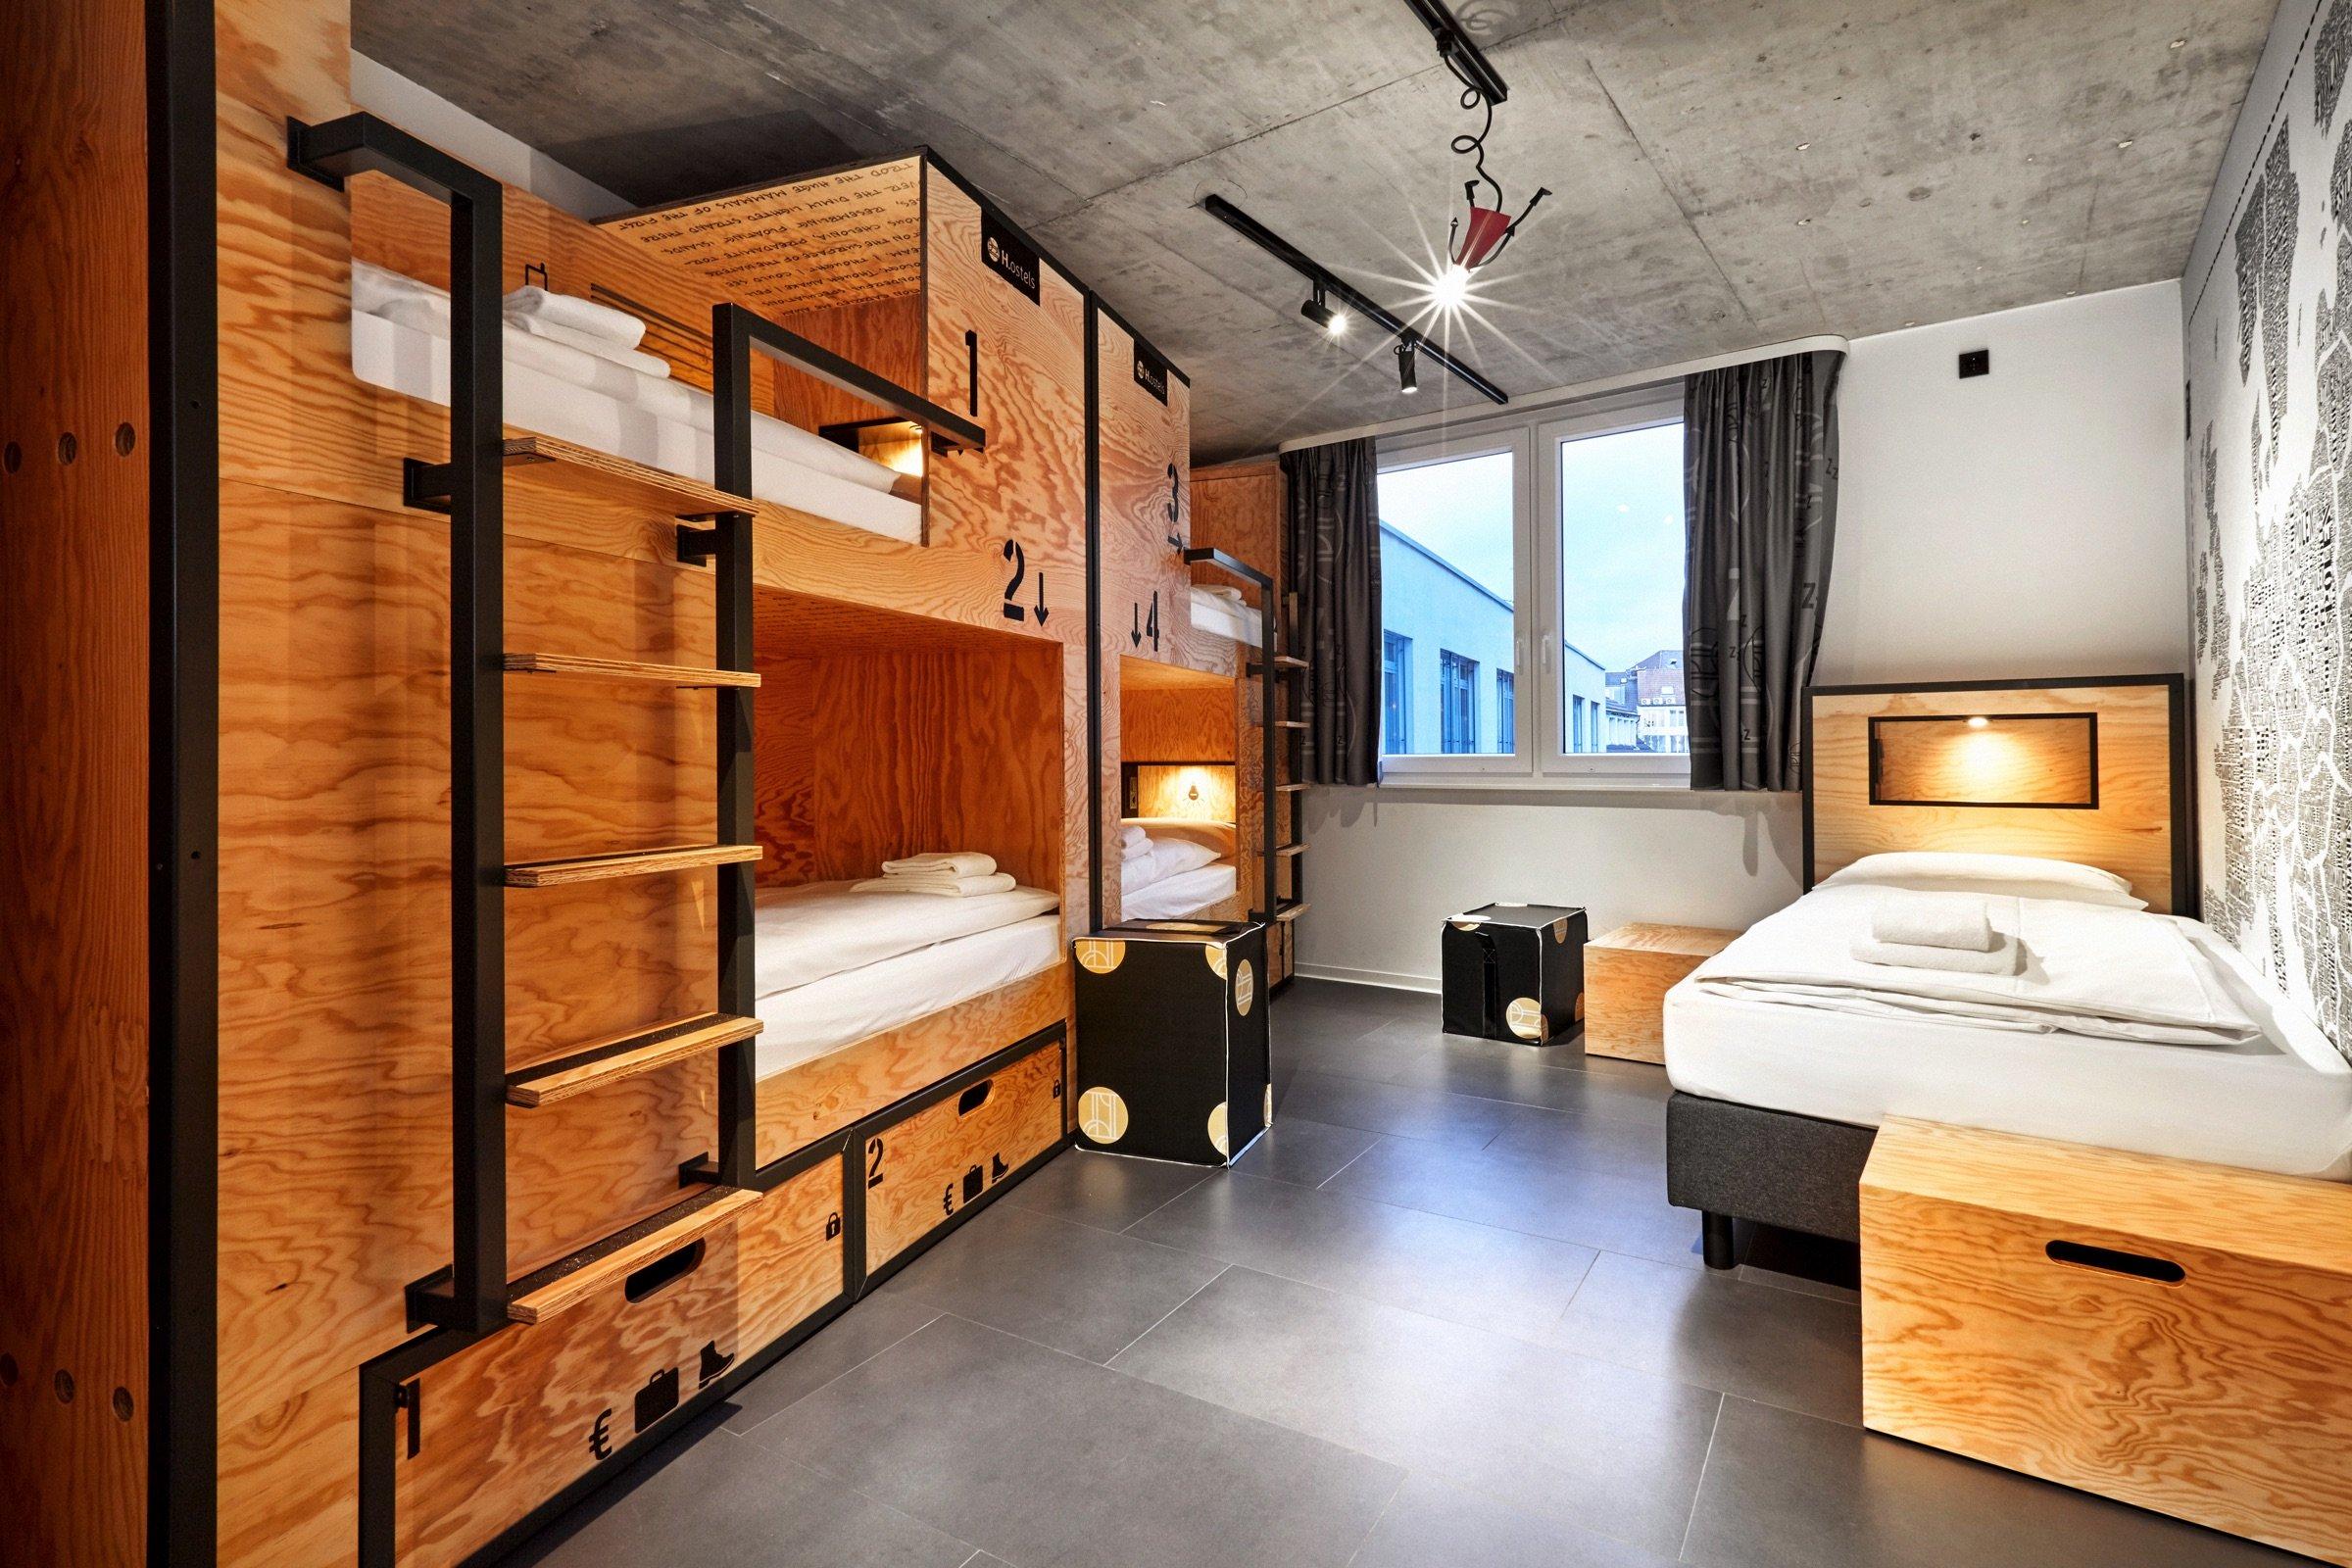 Full Size of Betten Kaufen 140x200 Japanische Holz Weiß 120x200 Ottoversand Jugend Günstig Bonprix Französische Für Teenager Münster Bett Betten Münster